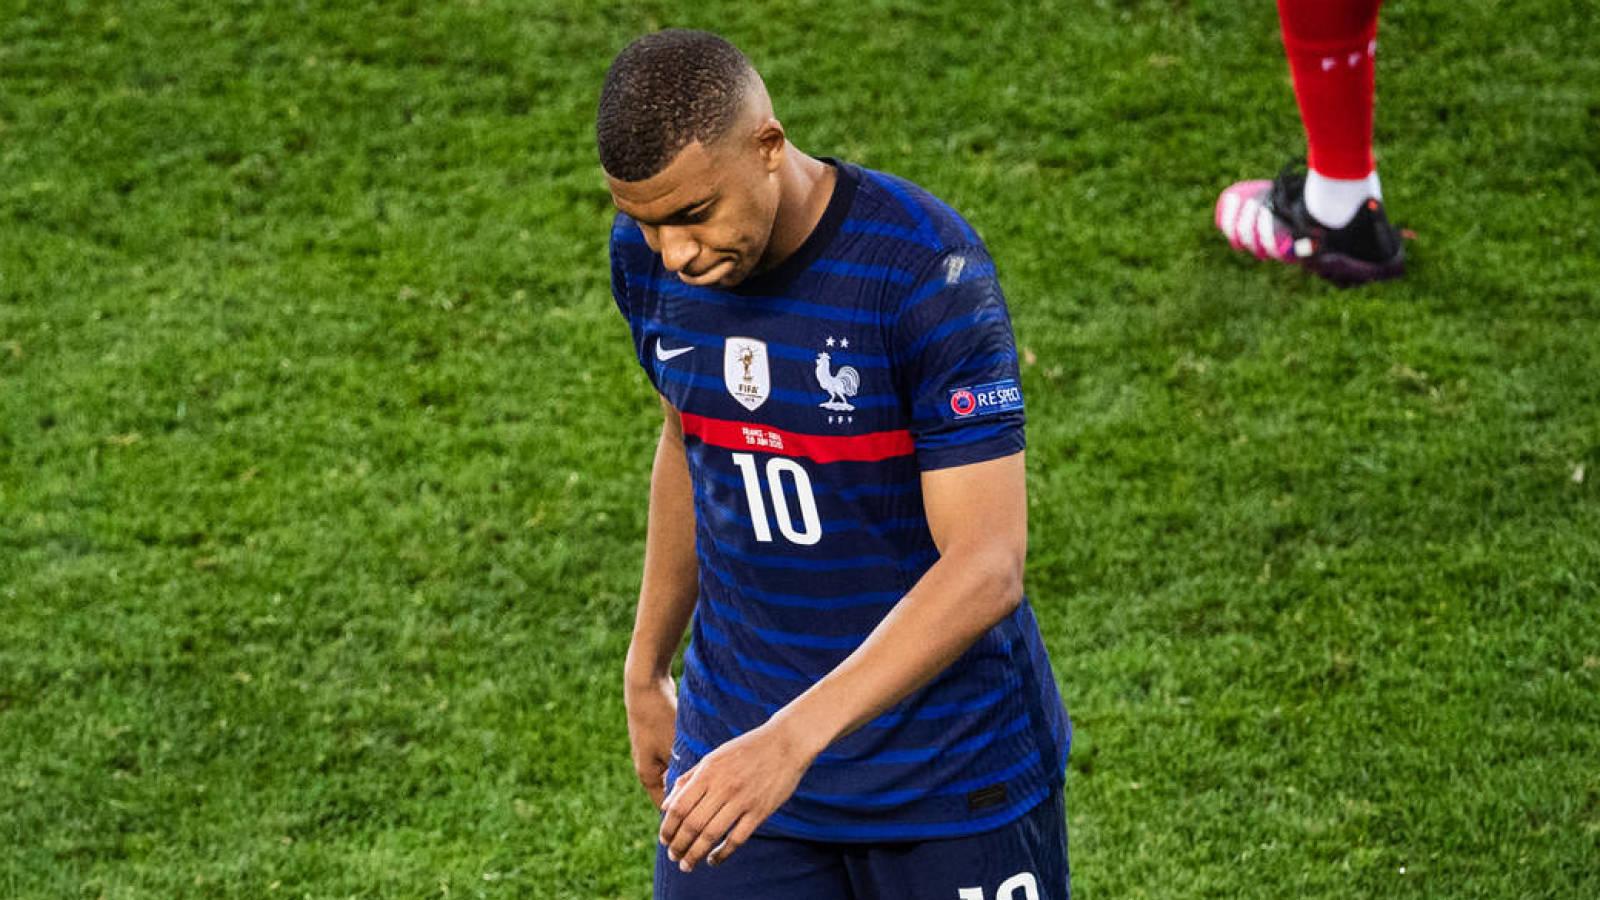 Kylian Mbappé enters his redemption arc